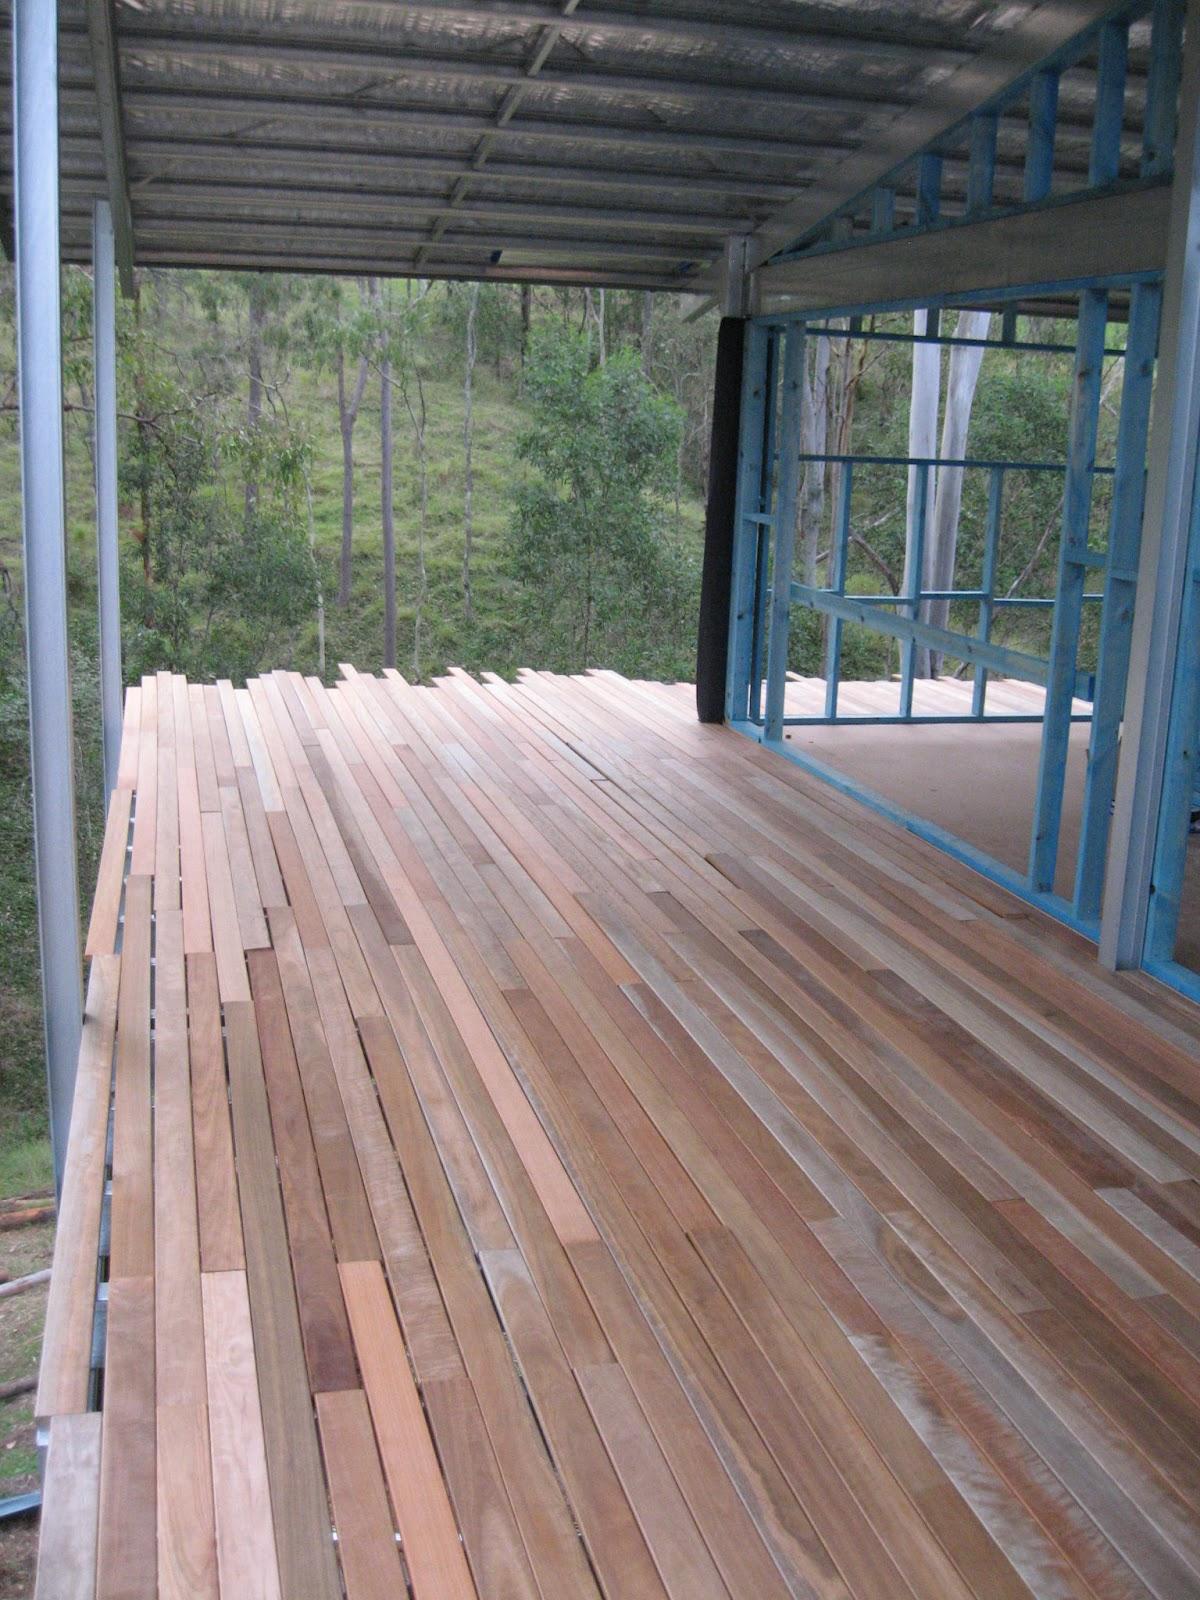 Ezy homes australia july 2012 for Australian hardwood decking